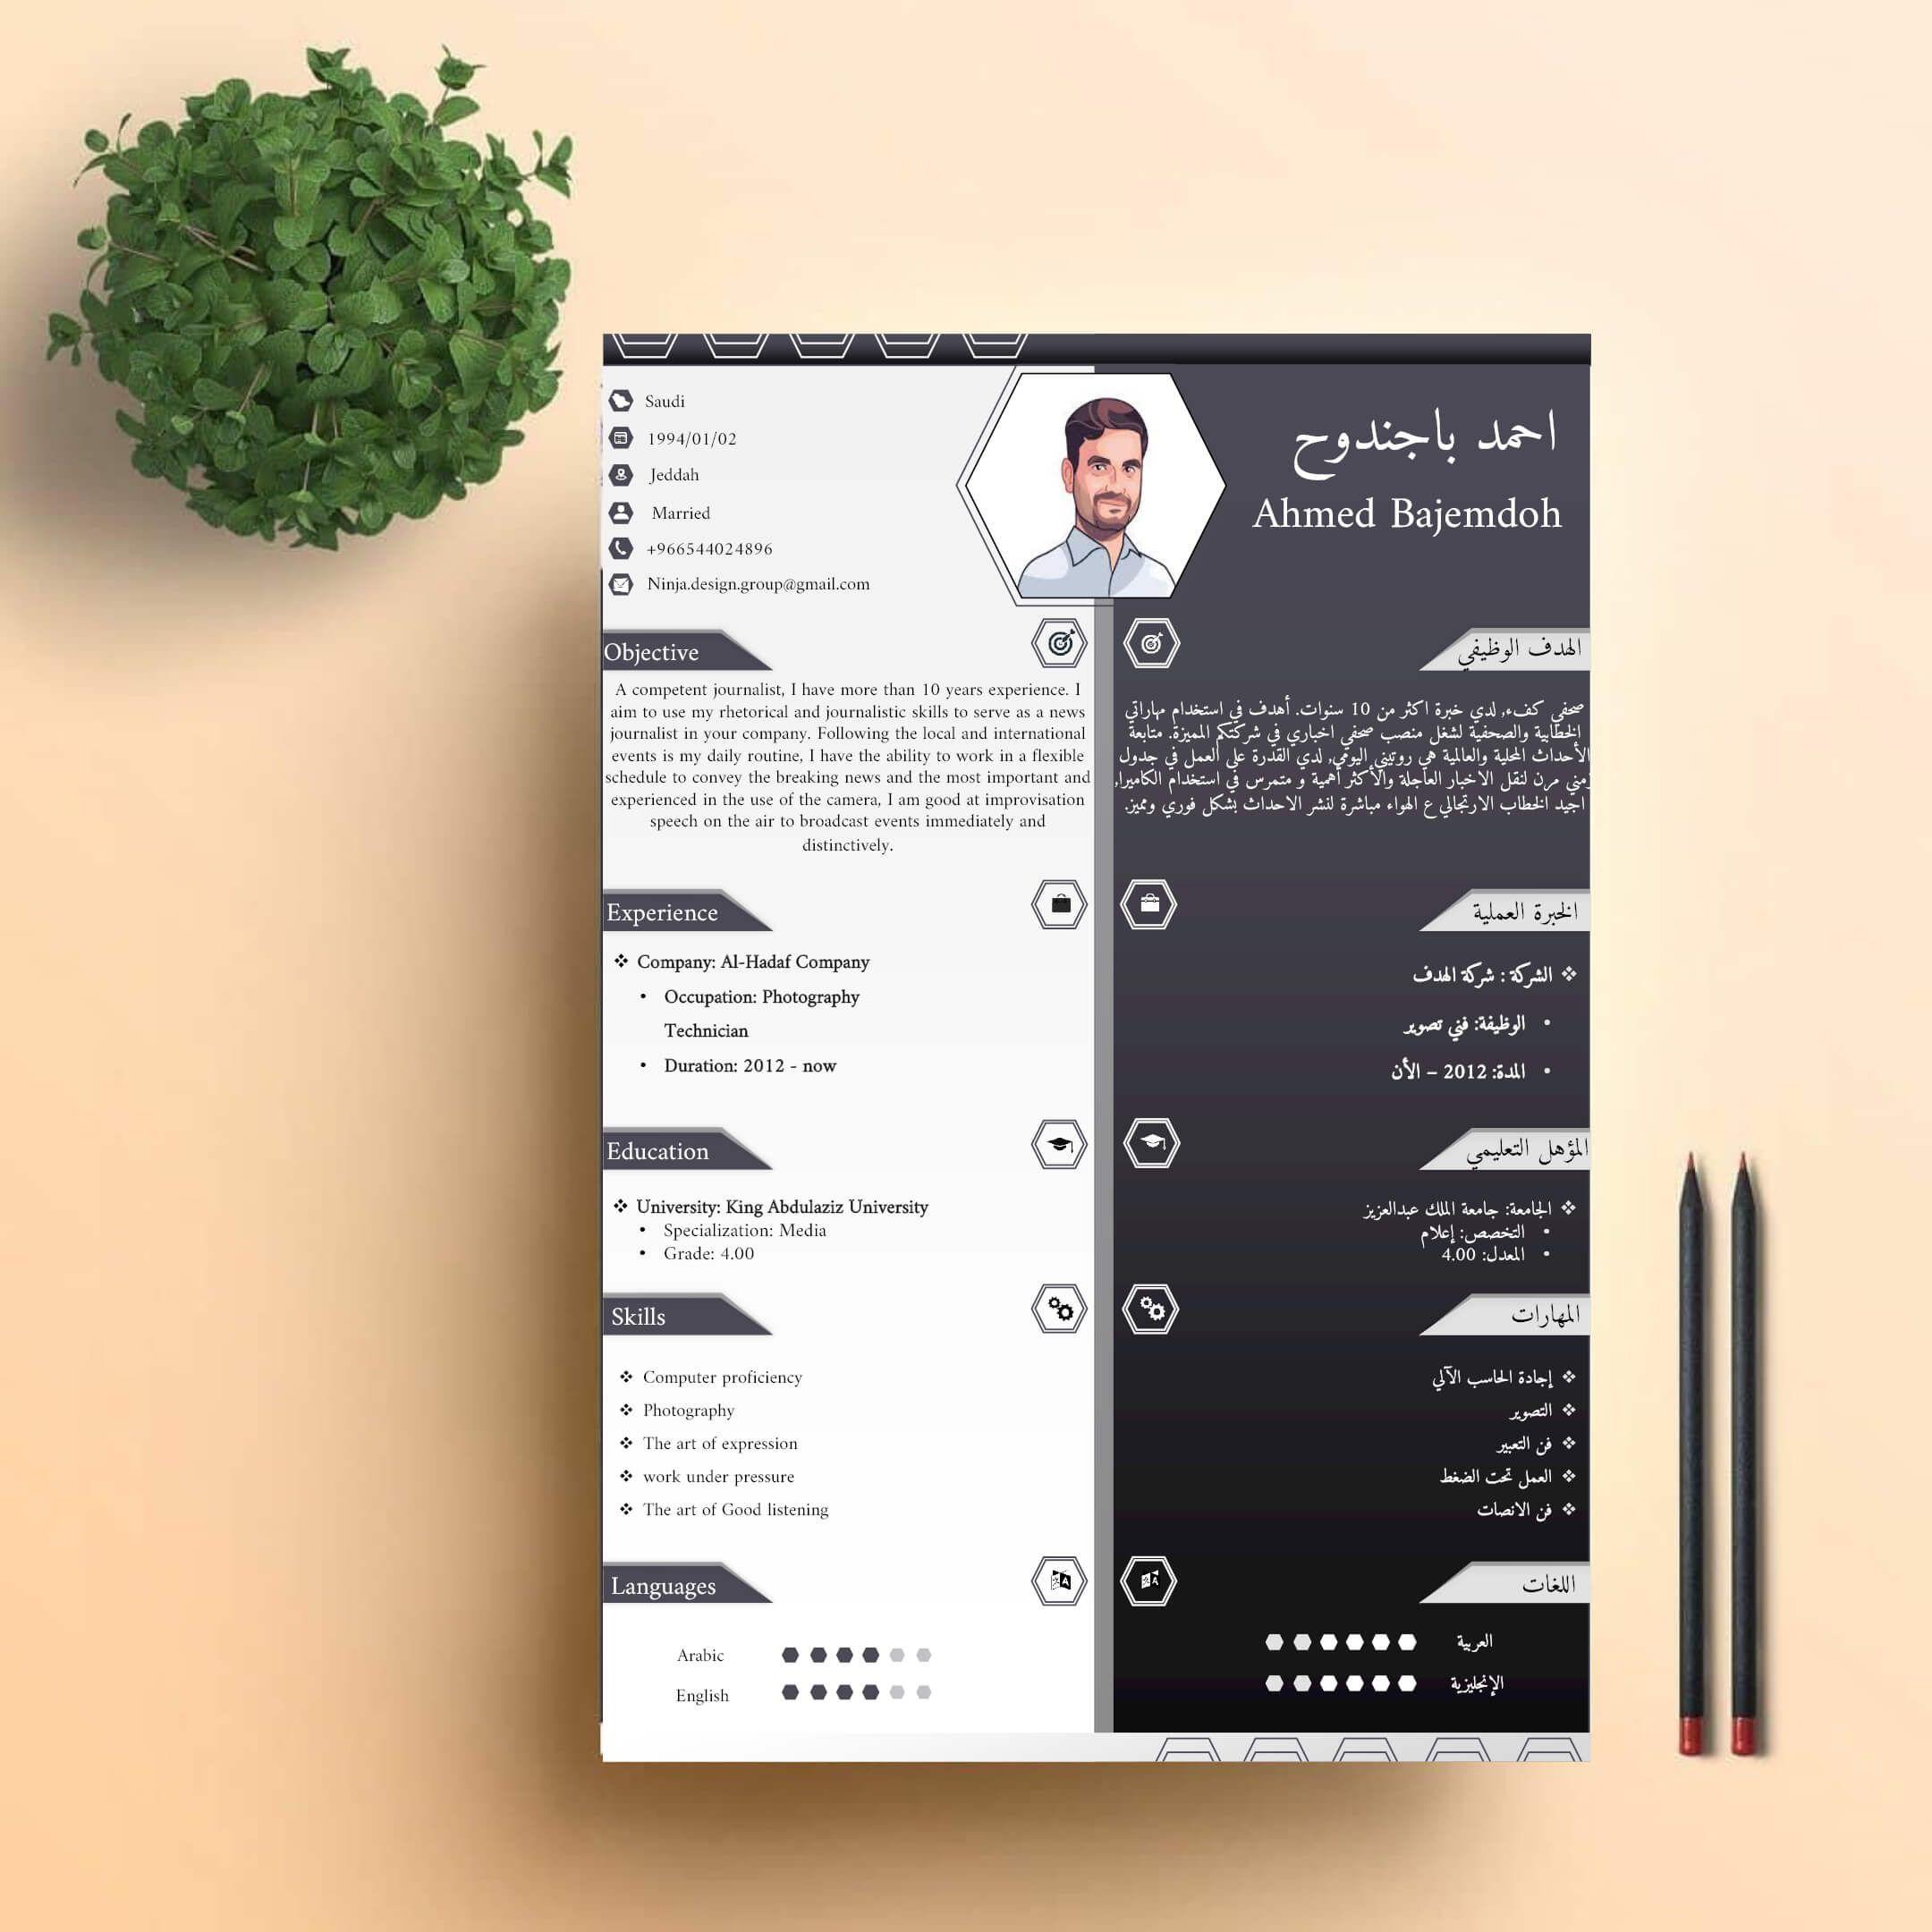 هل تبحث عن سيرة ذاتية إحترافية وعصرية تساعدك في الحصول على الوظيفة المناسبة تصميم و صياغة سير ذاتية إحترافية بالعربية والإنجليزية In 2021 Cv Design Modern Cv Design